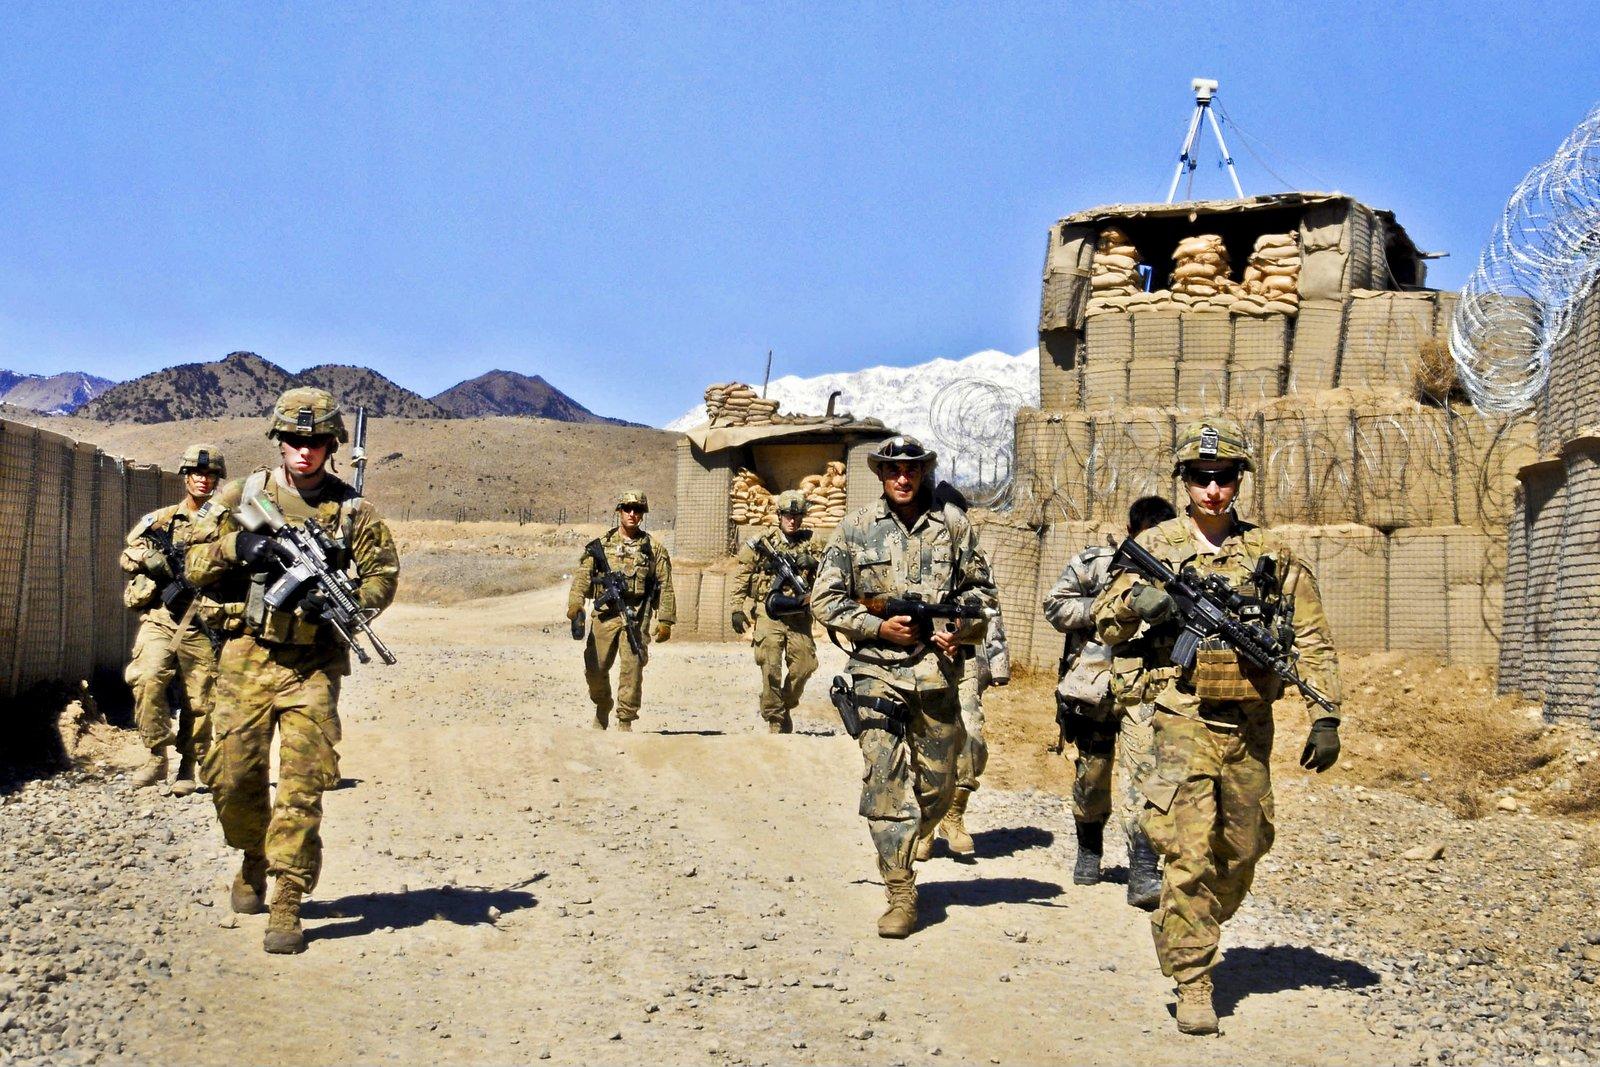 Amerykańscy żołnierze wprowincji Paktia wlutym 2012 Źródło: Jason Epperson, domena publiczna.